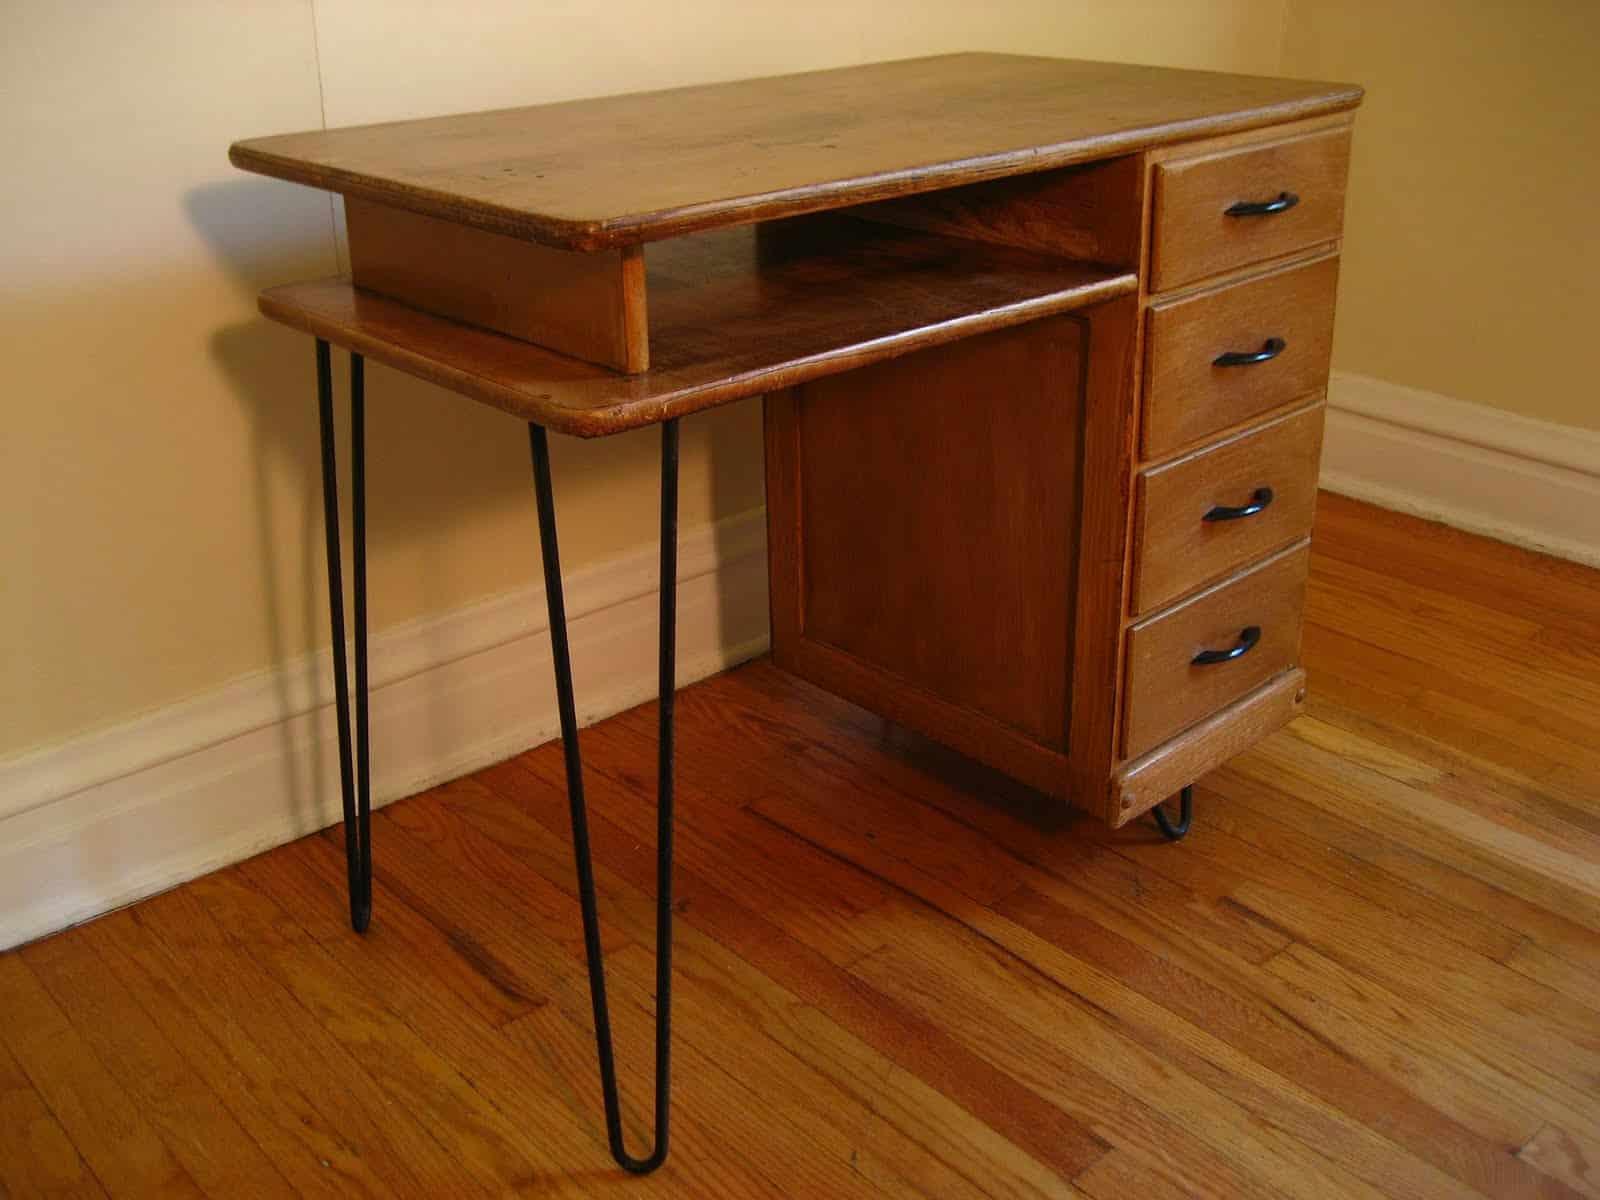 meubles anciens et d coration une solution int ressante. Black Bedroom Furniture Sets. Home Design Ideas